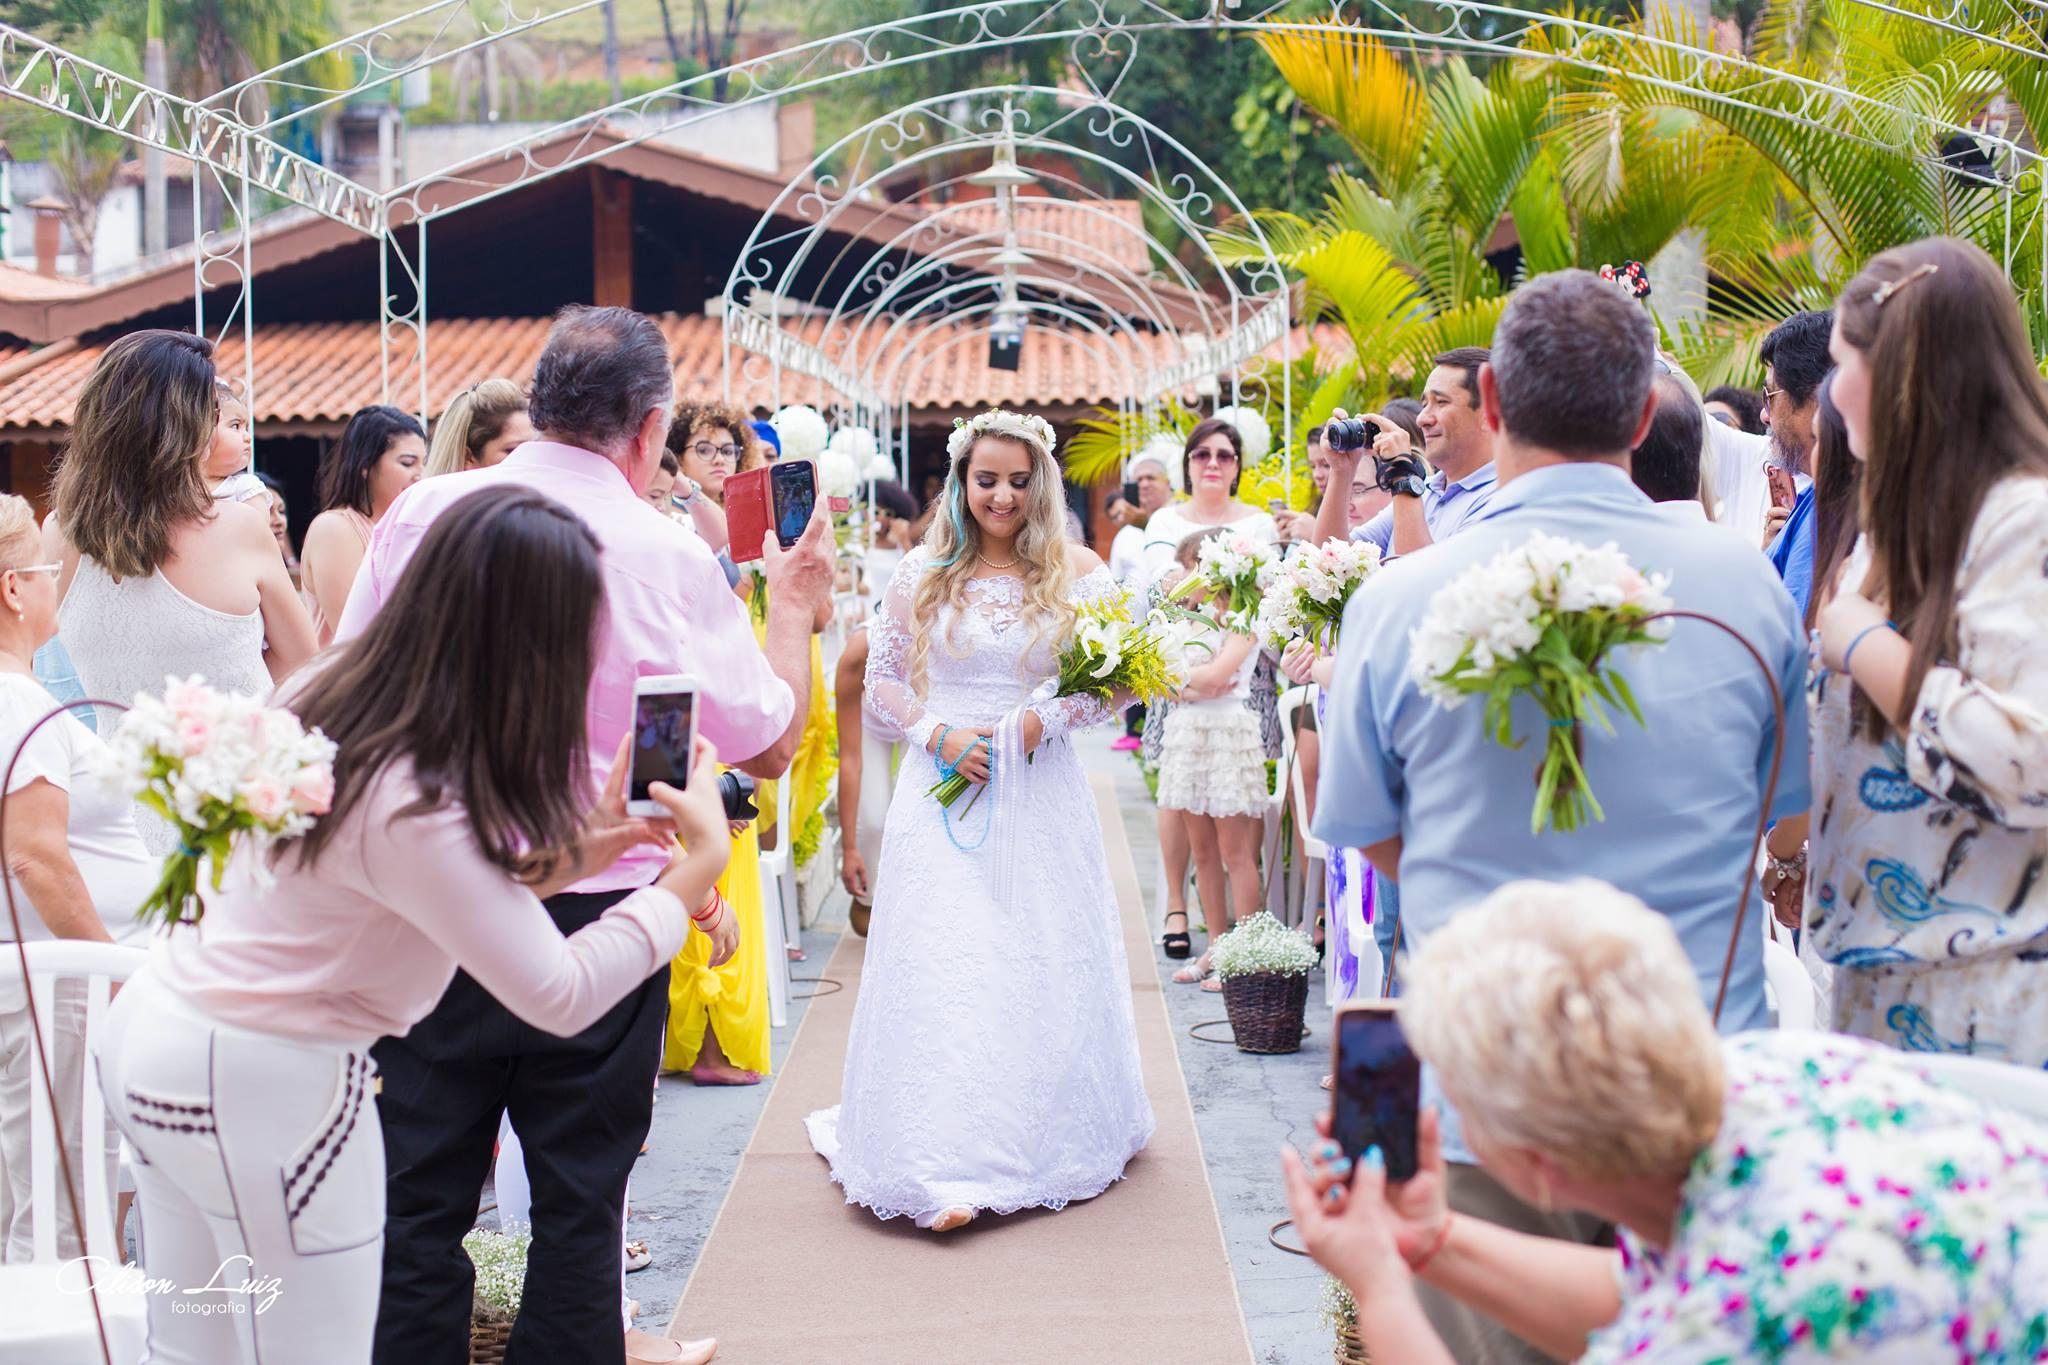 Fotógrafo evangélico registra casamento umbandista e faz lindo relato do que viu 2